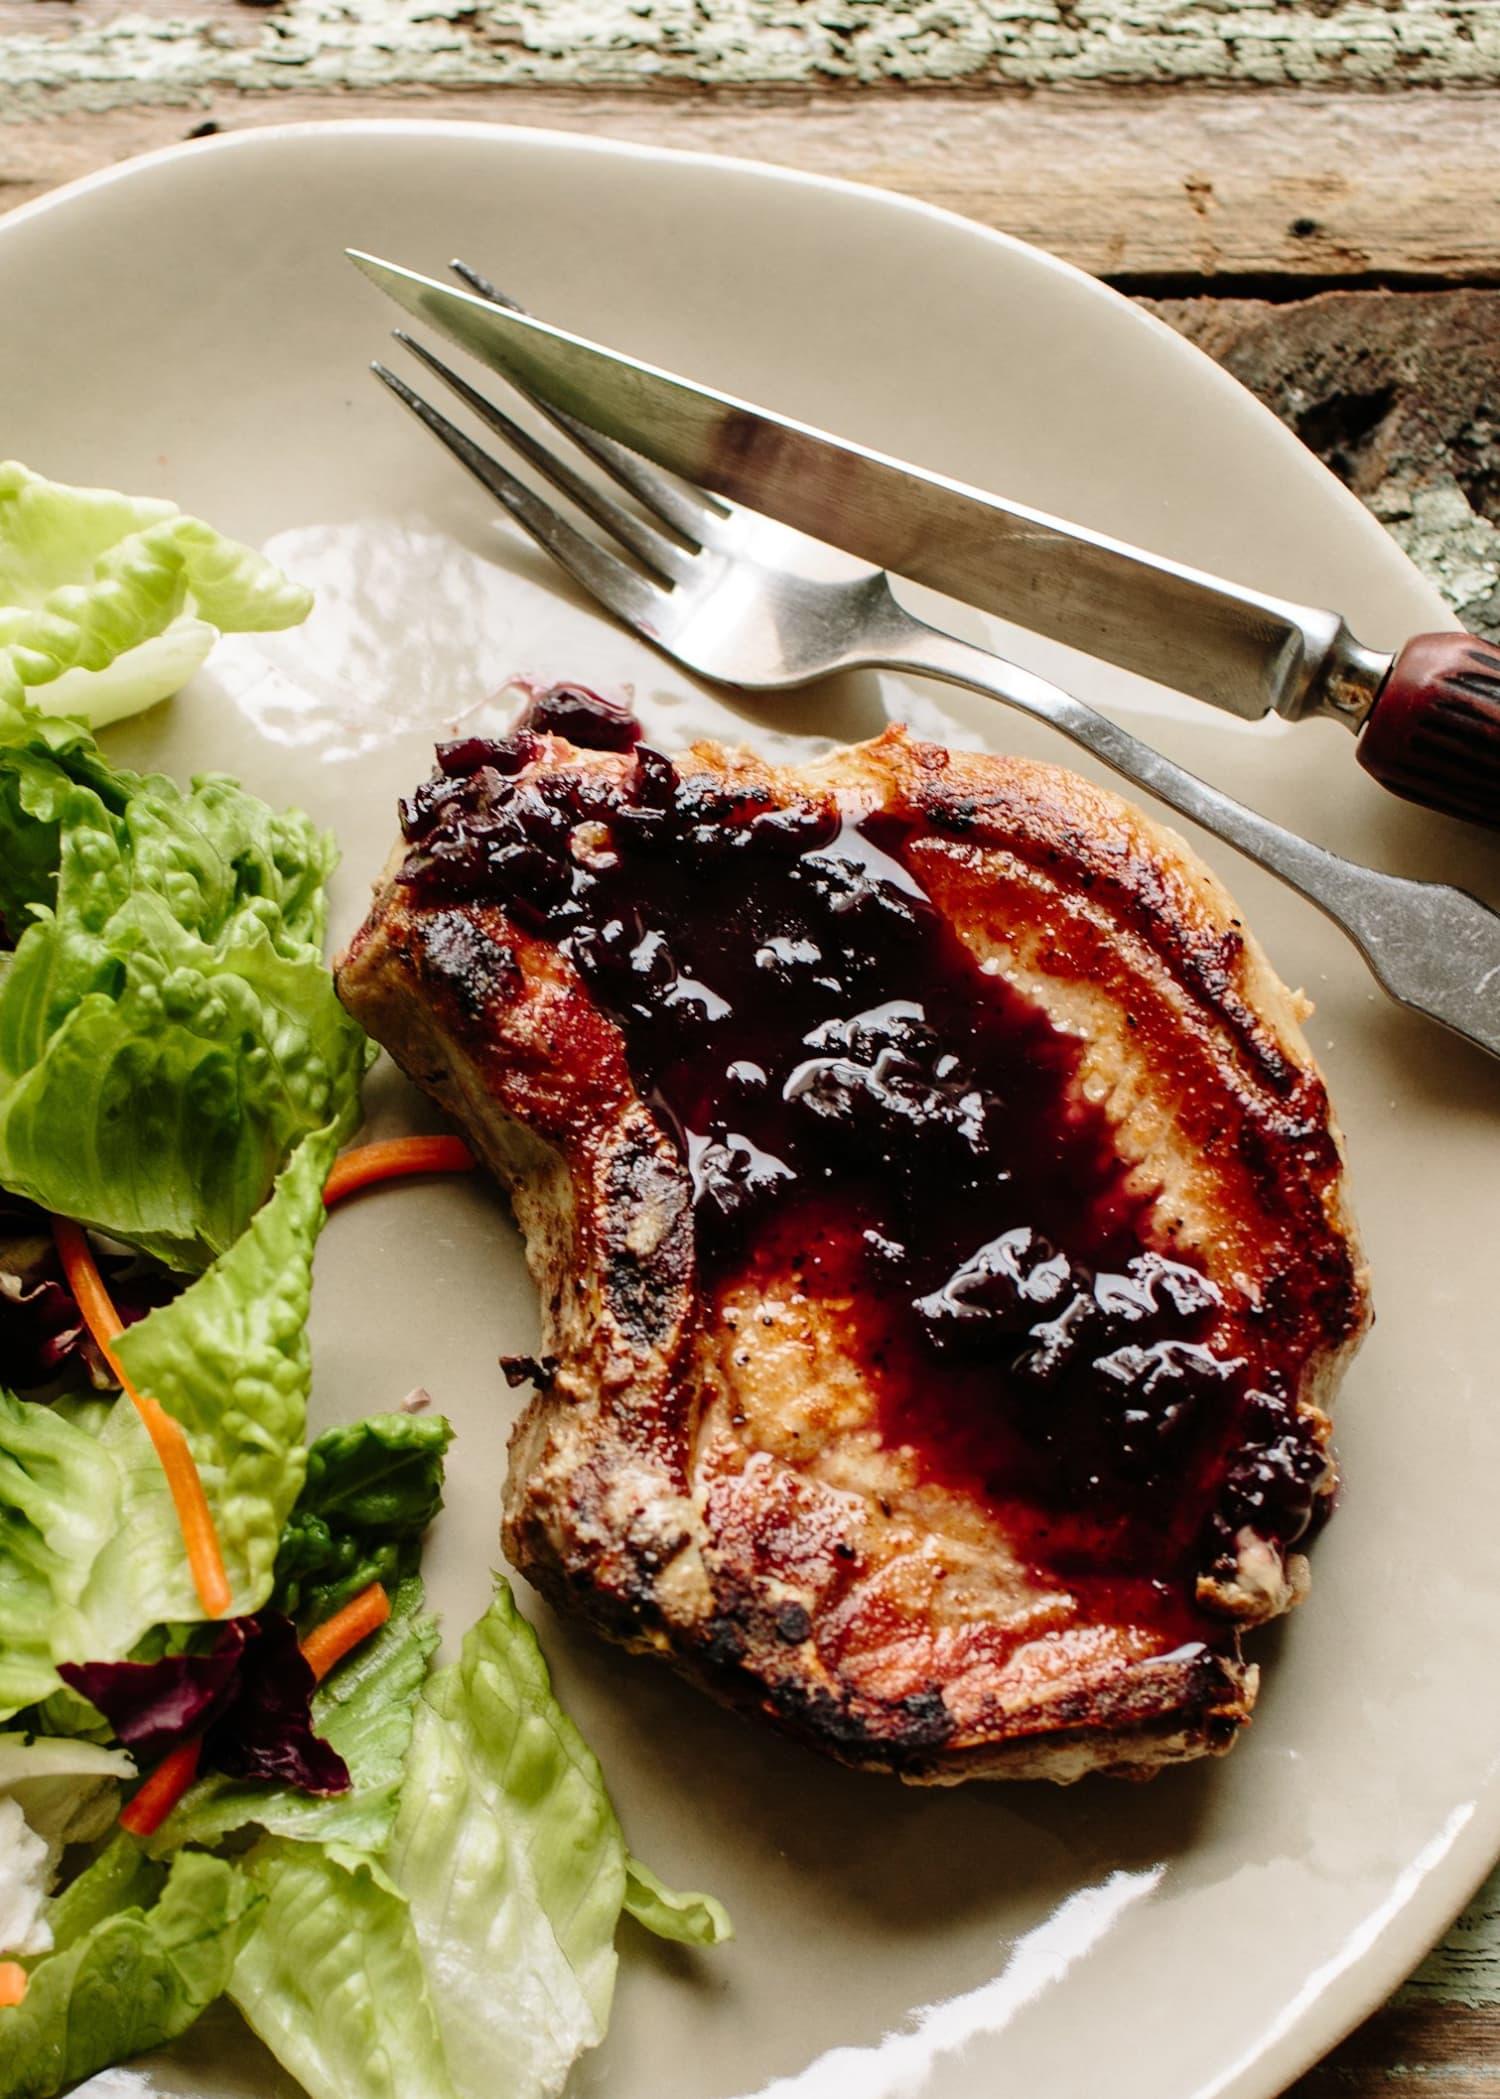 Recipe: Pork Chops in Port Wine Sauce